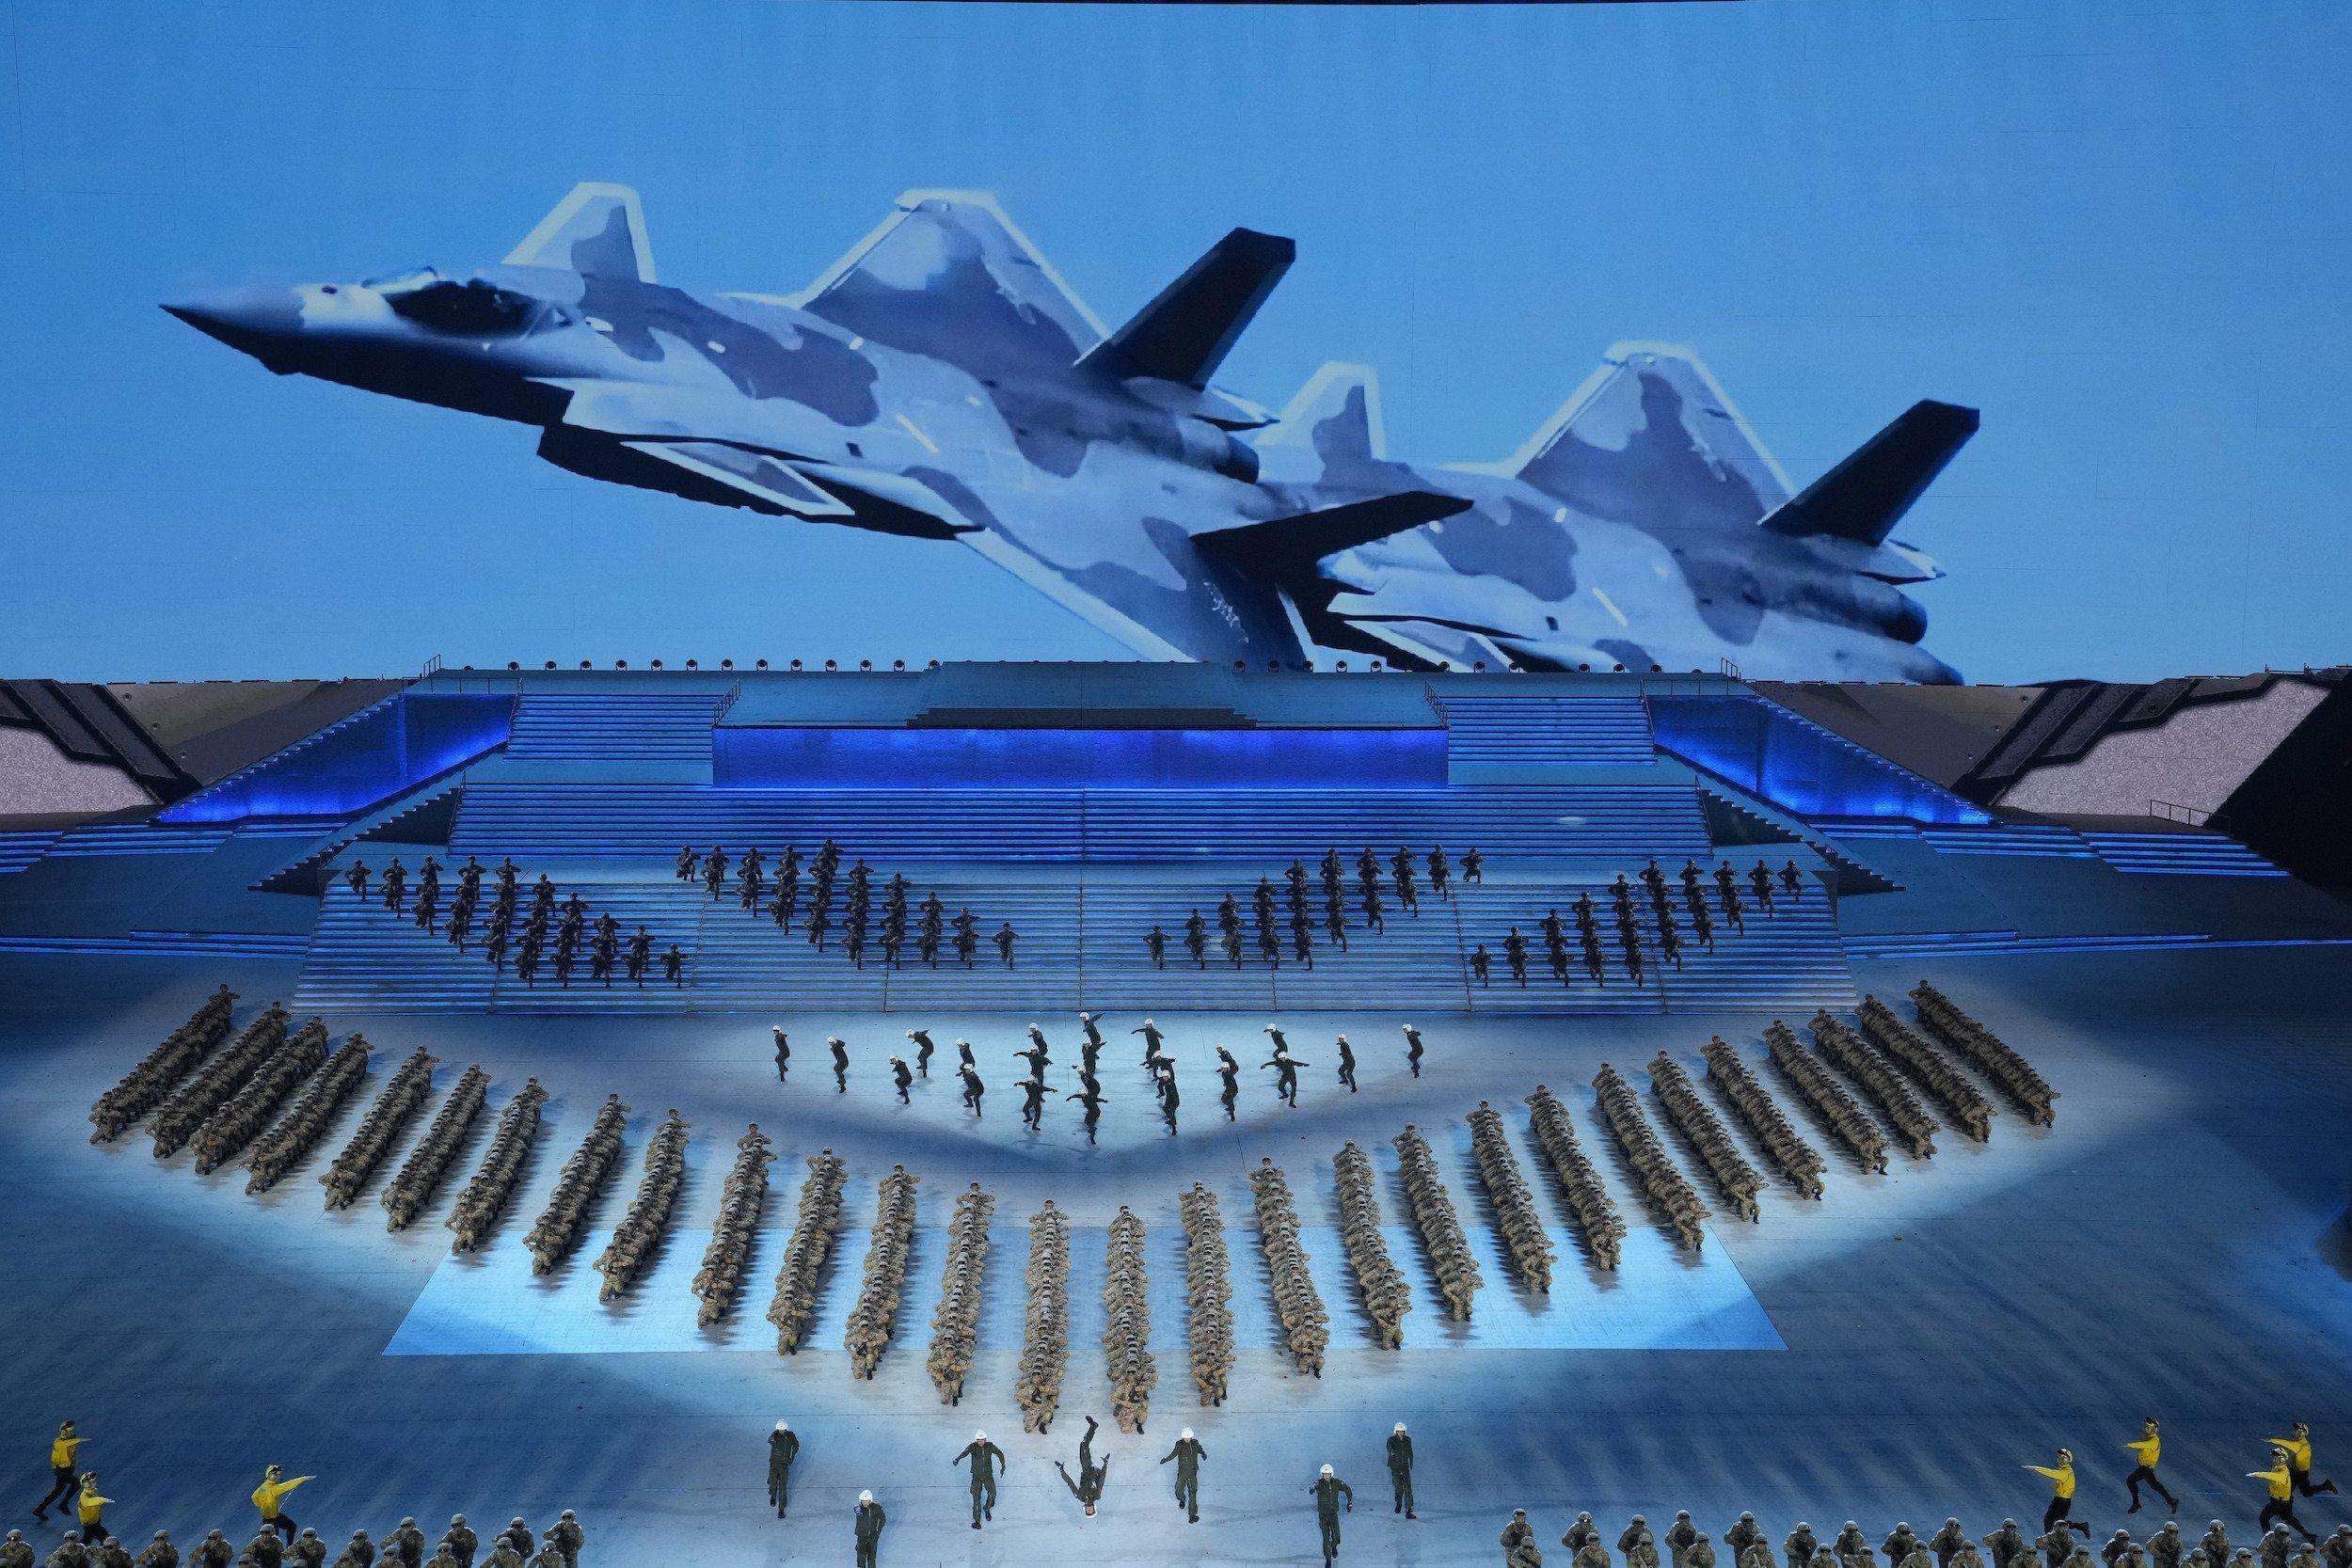 Eine große Bühne in Blau mit Soldaten, die eine Aufführung bieten, an der Rückseite das Bild eines Kampfjets